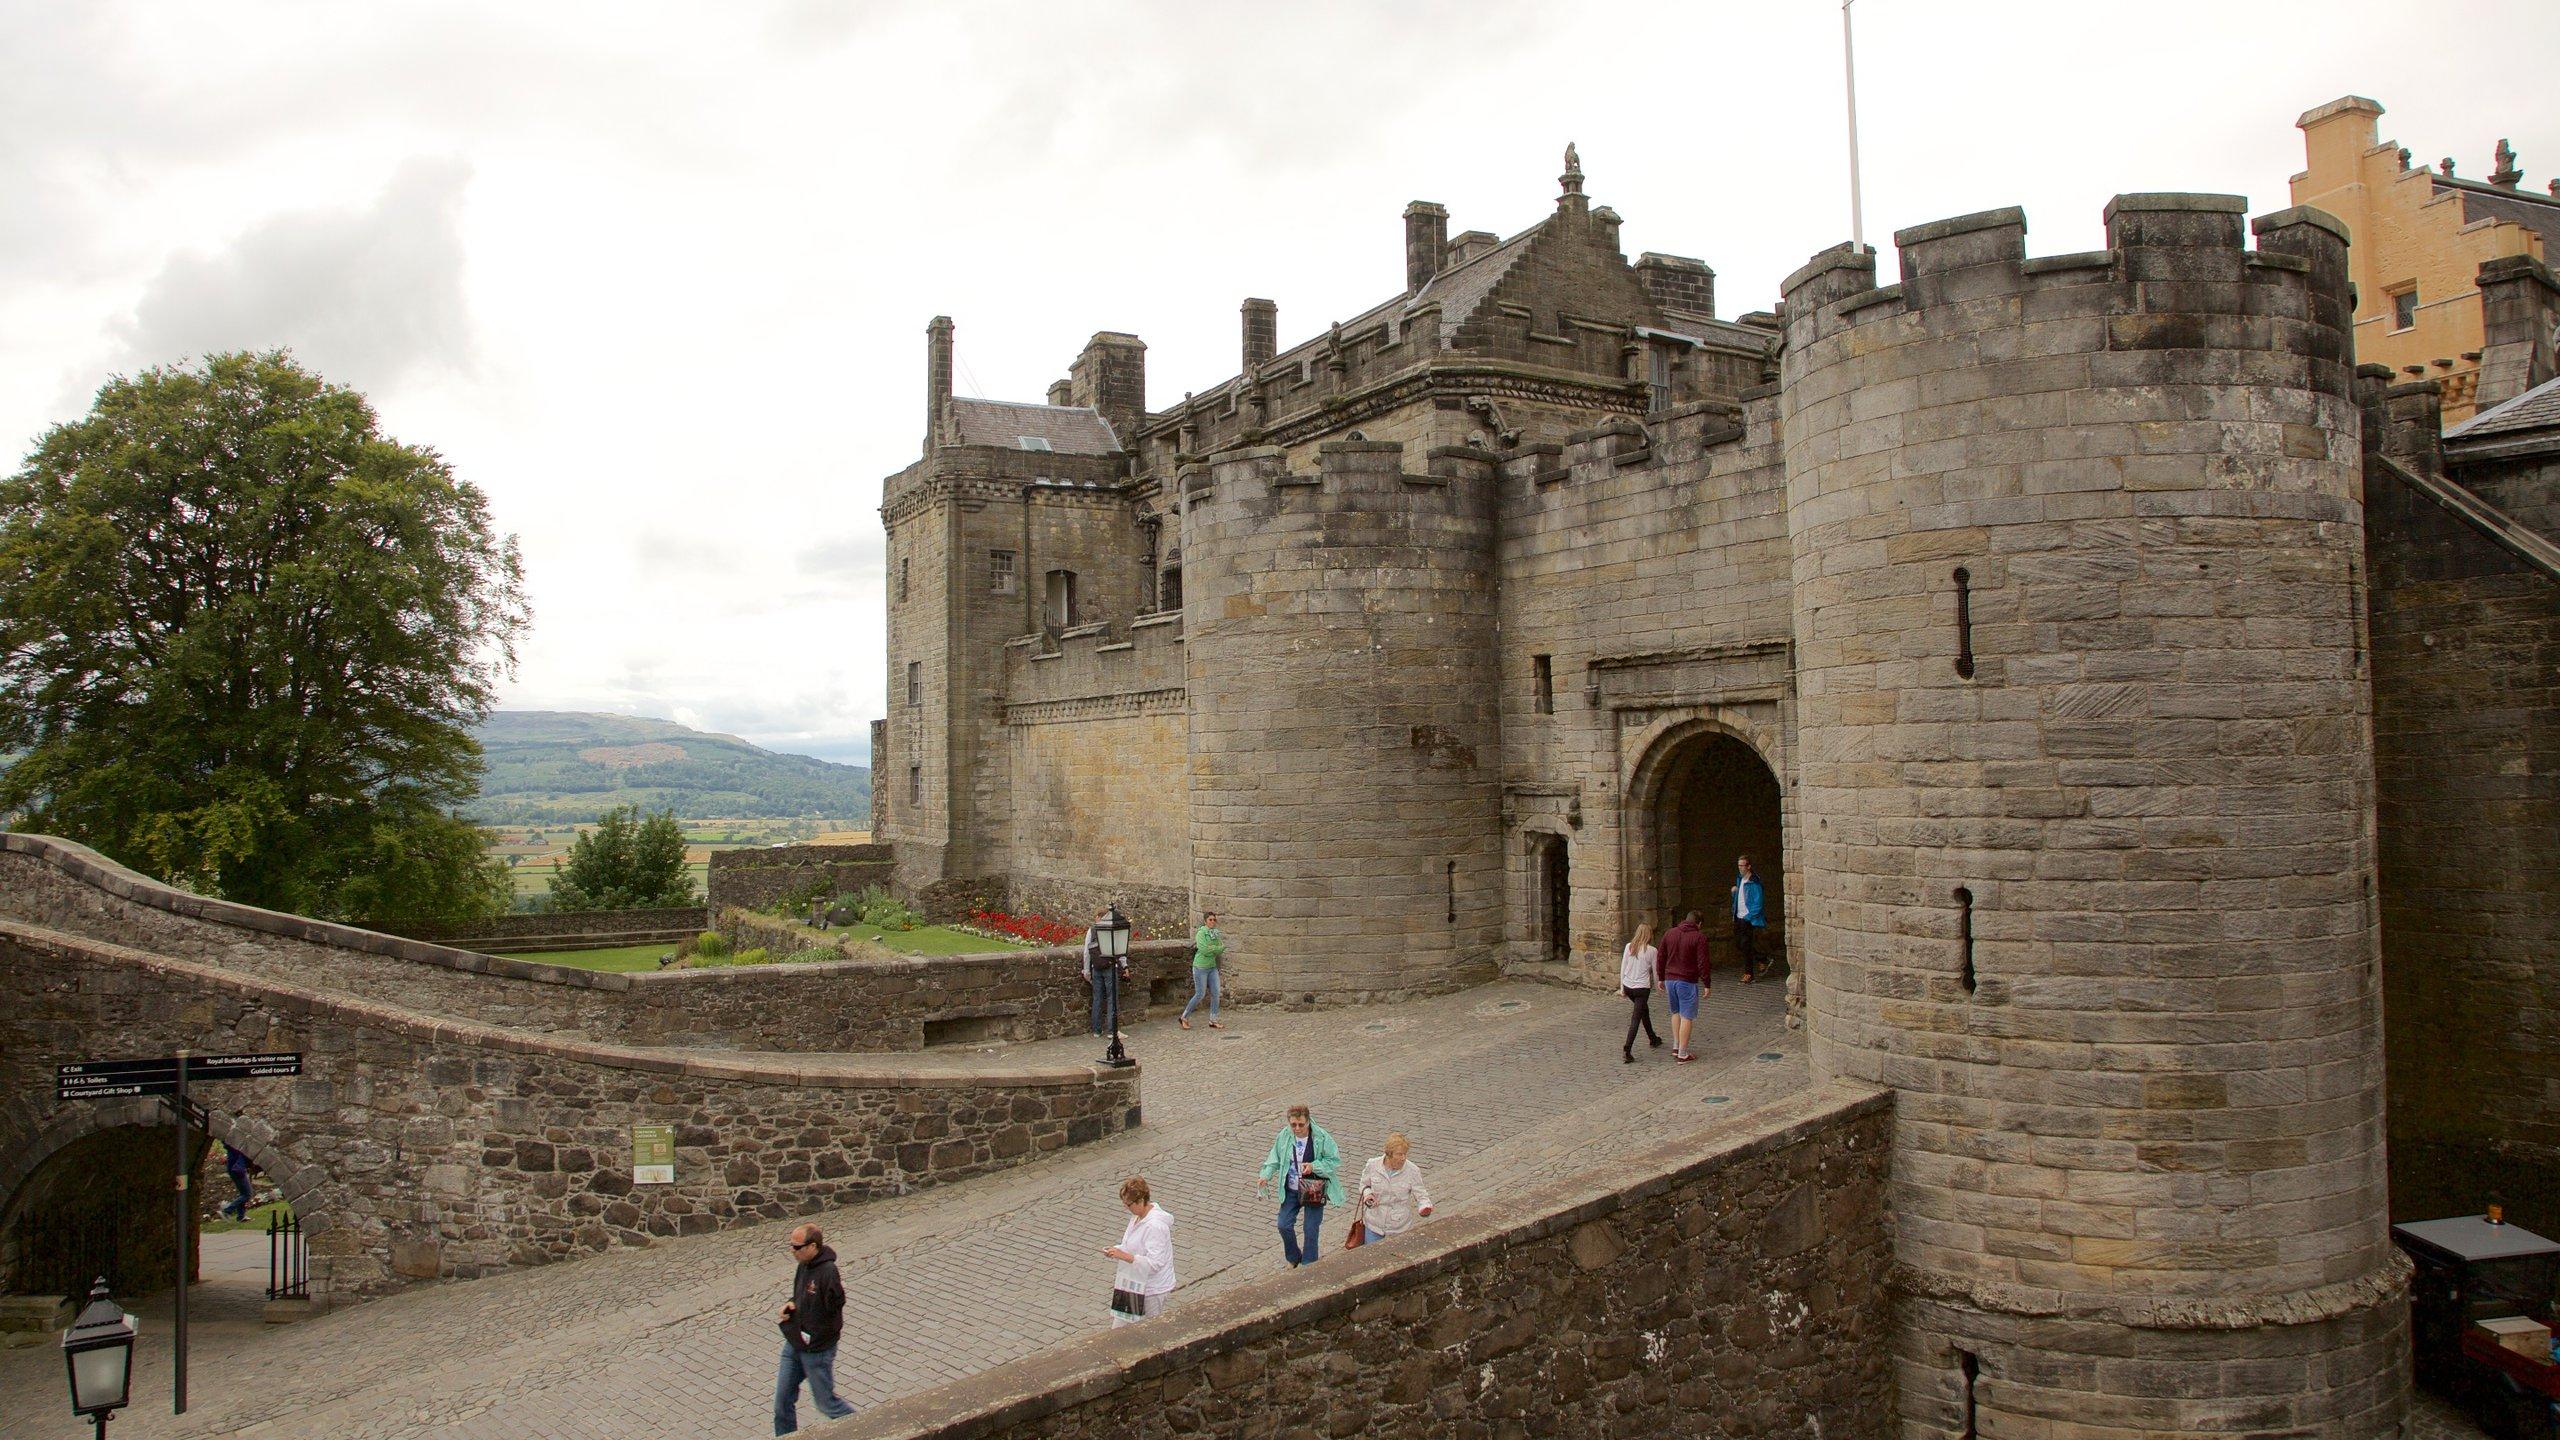 Stirling Castle, Stirling, Scotland, United Kingdom